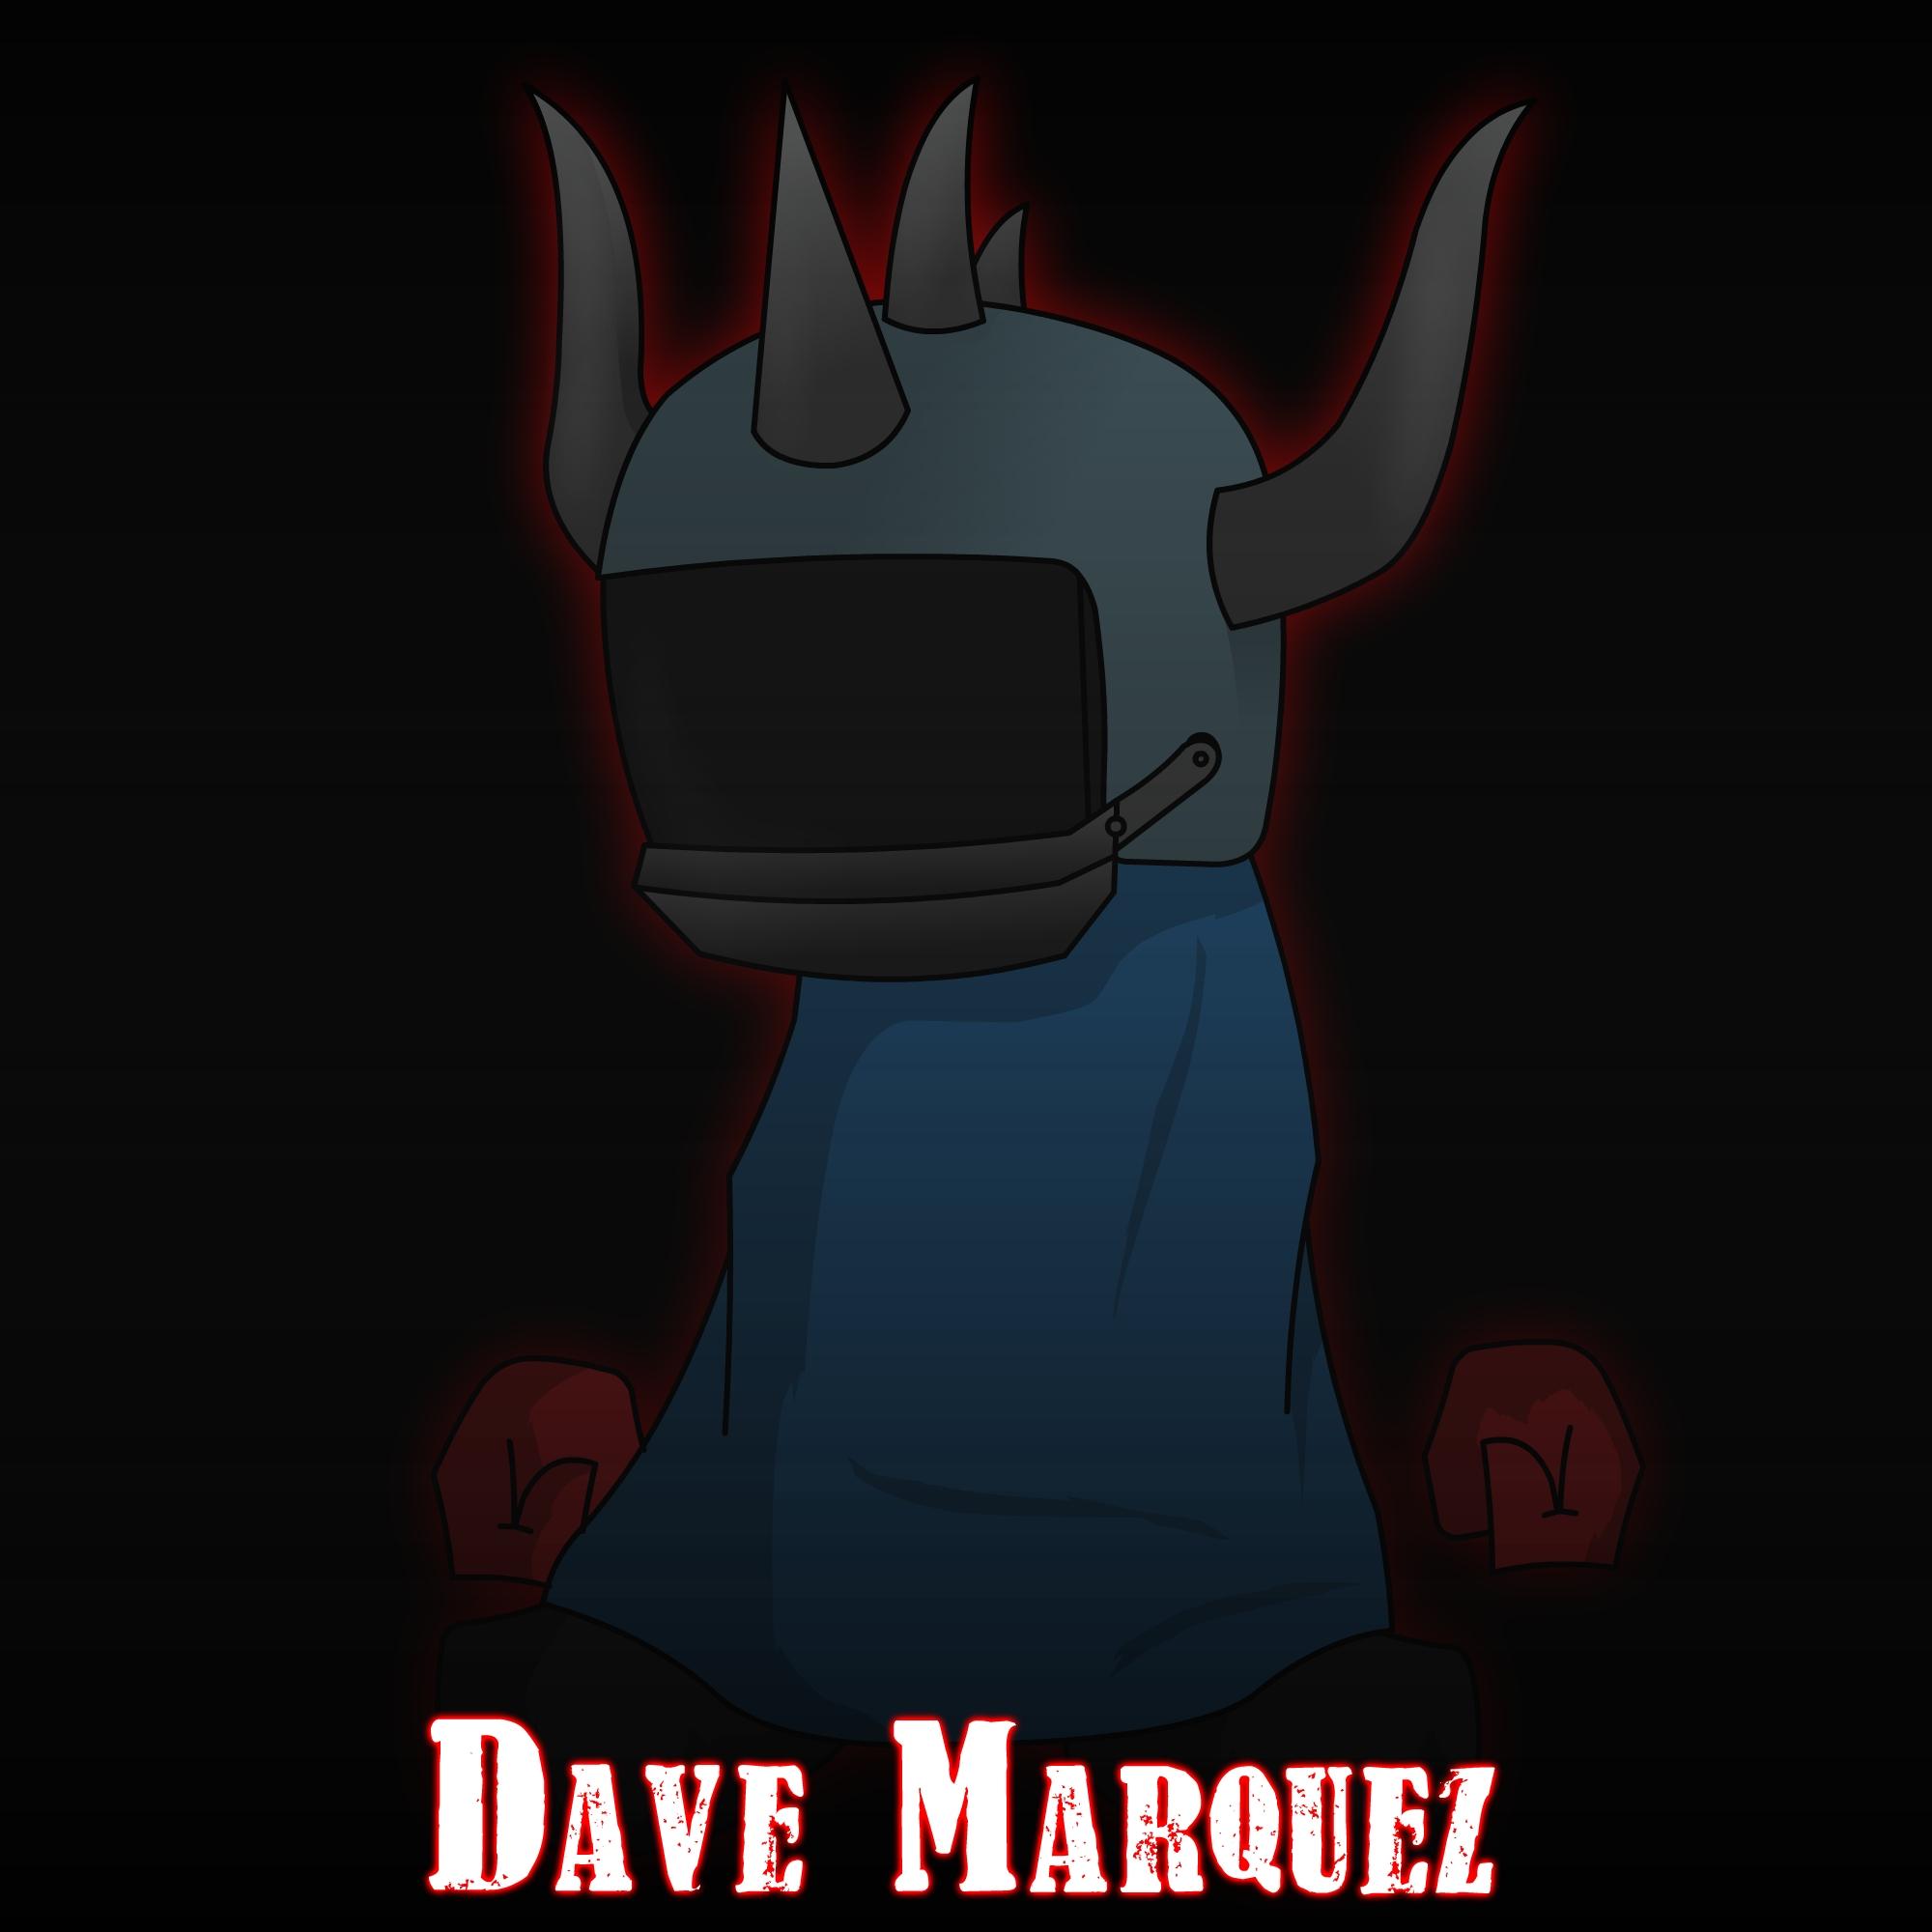 Dave Marquez